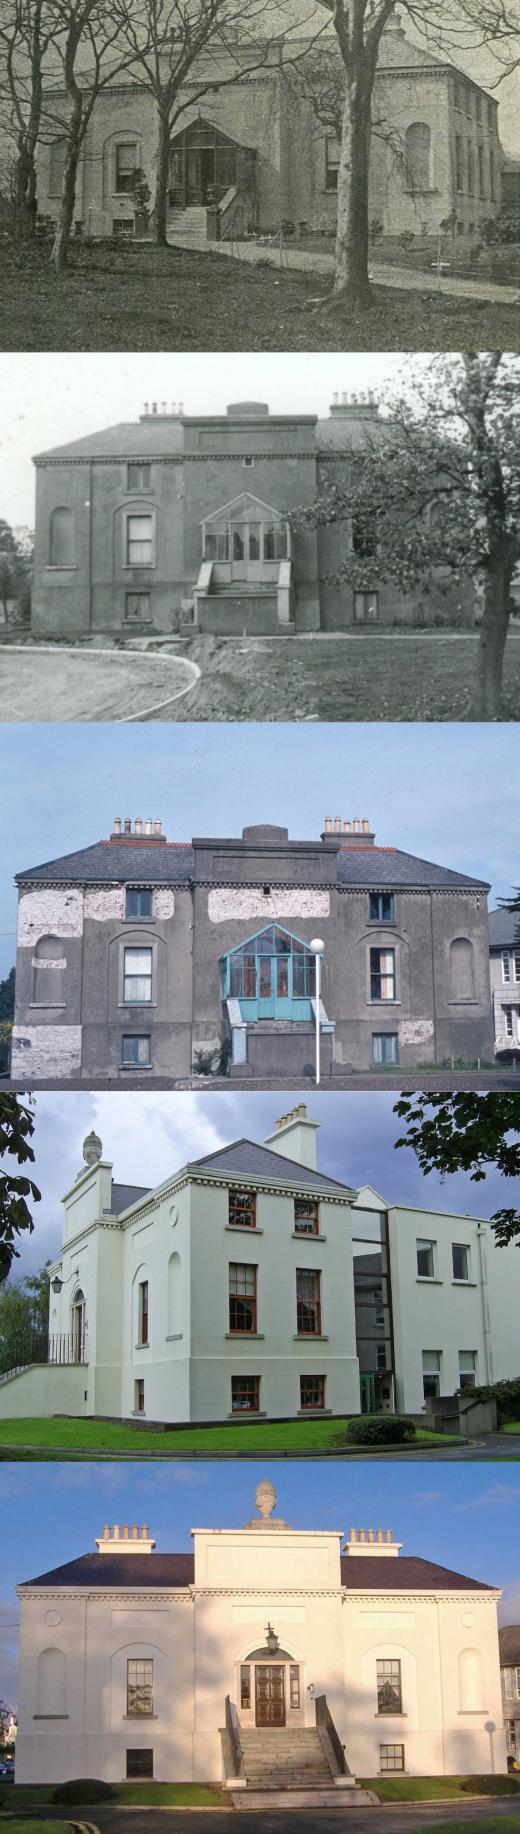 5 Small Dublin Houses lvbmag.com